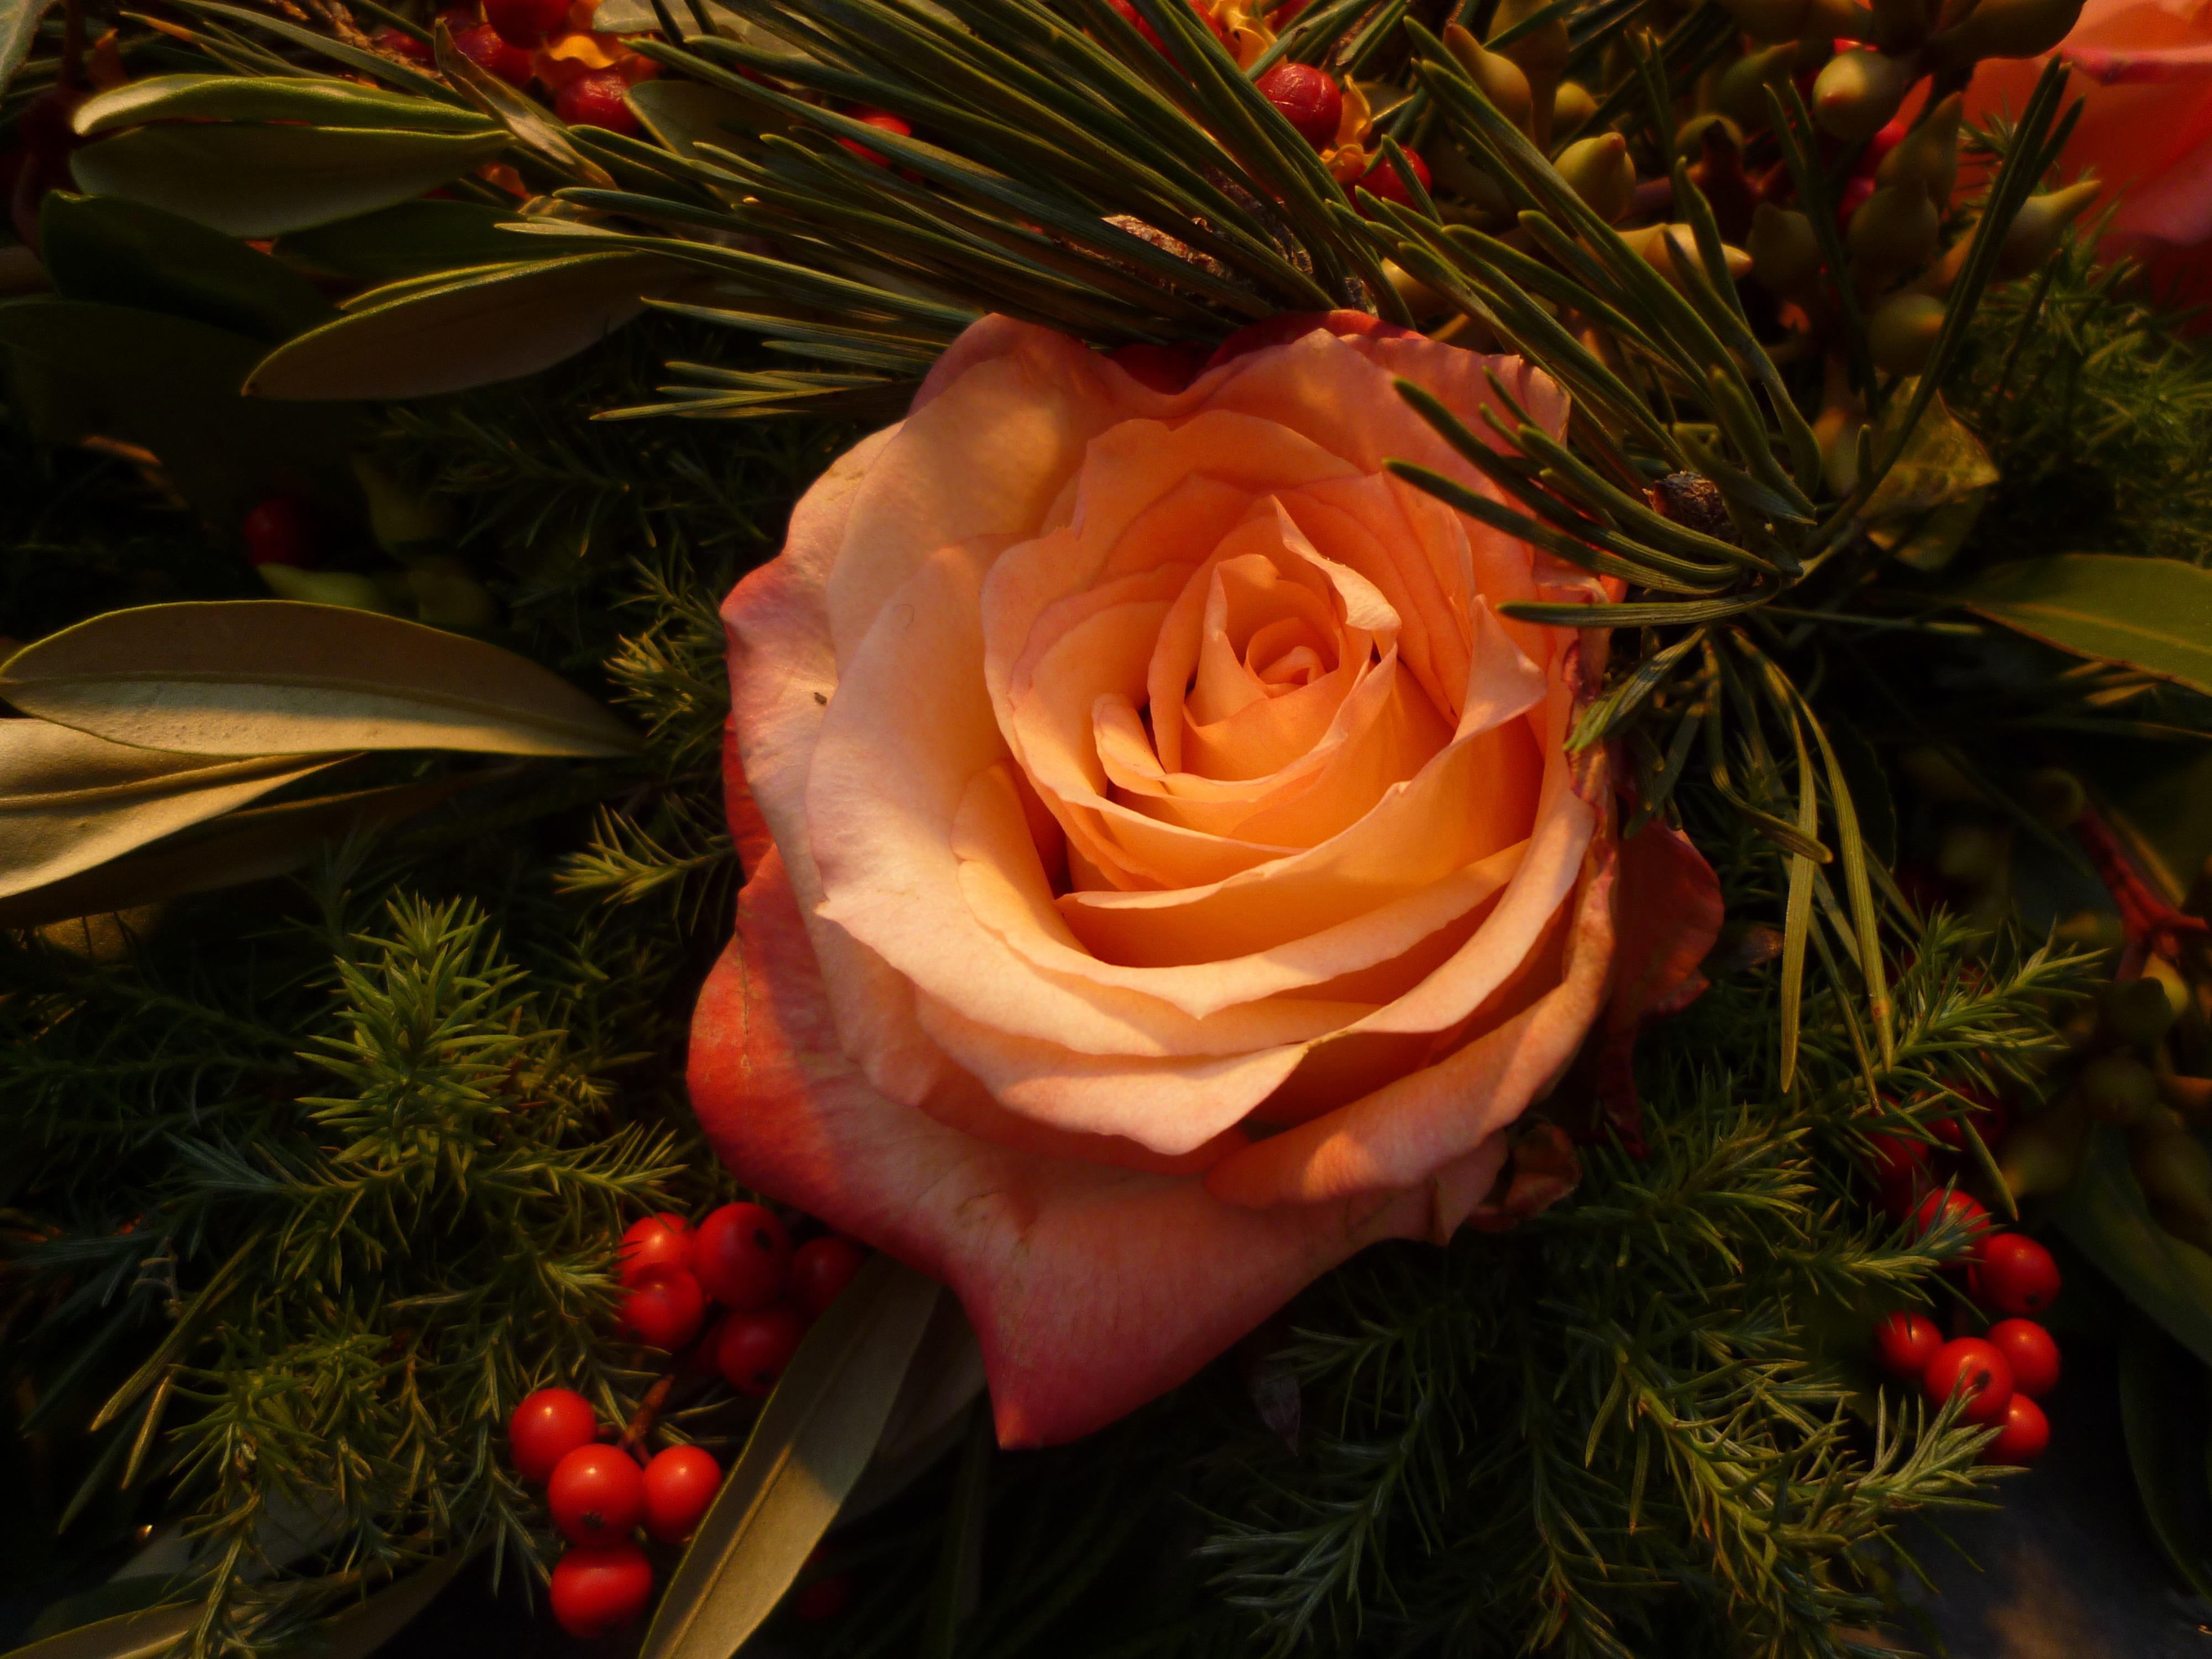 Images Gratuites : branche, fleur, pétale, Rose, rouge, romantique, flore, arbre de Noël ...